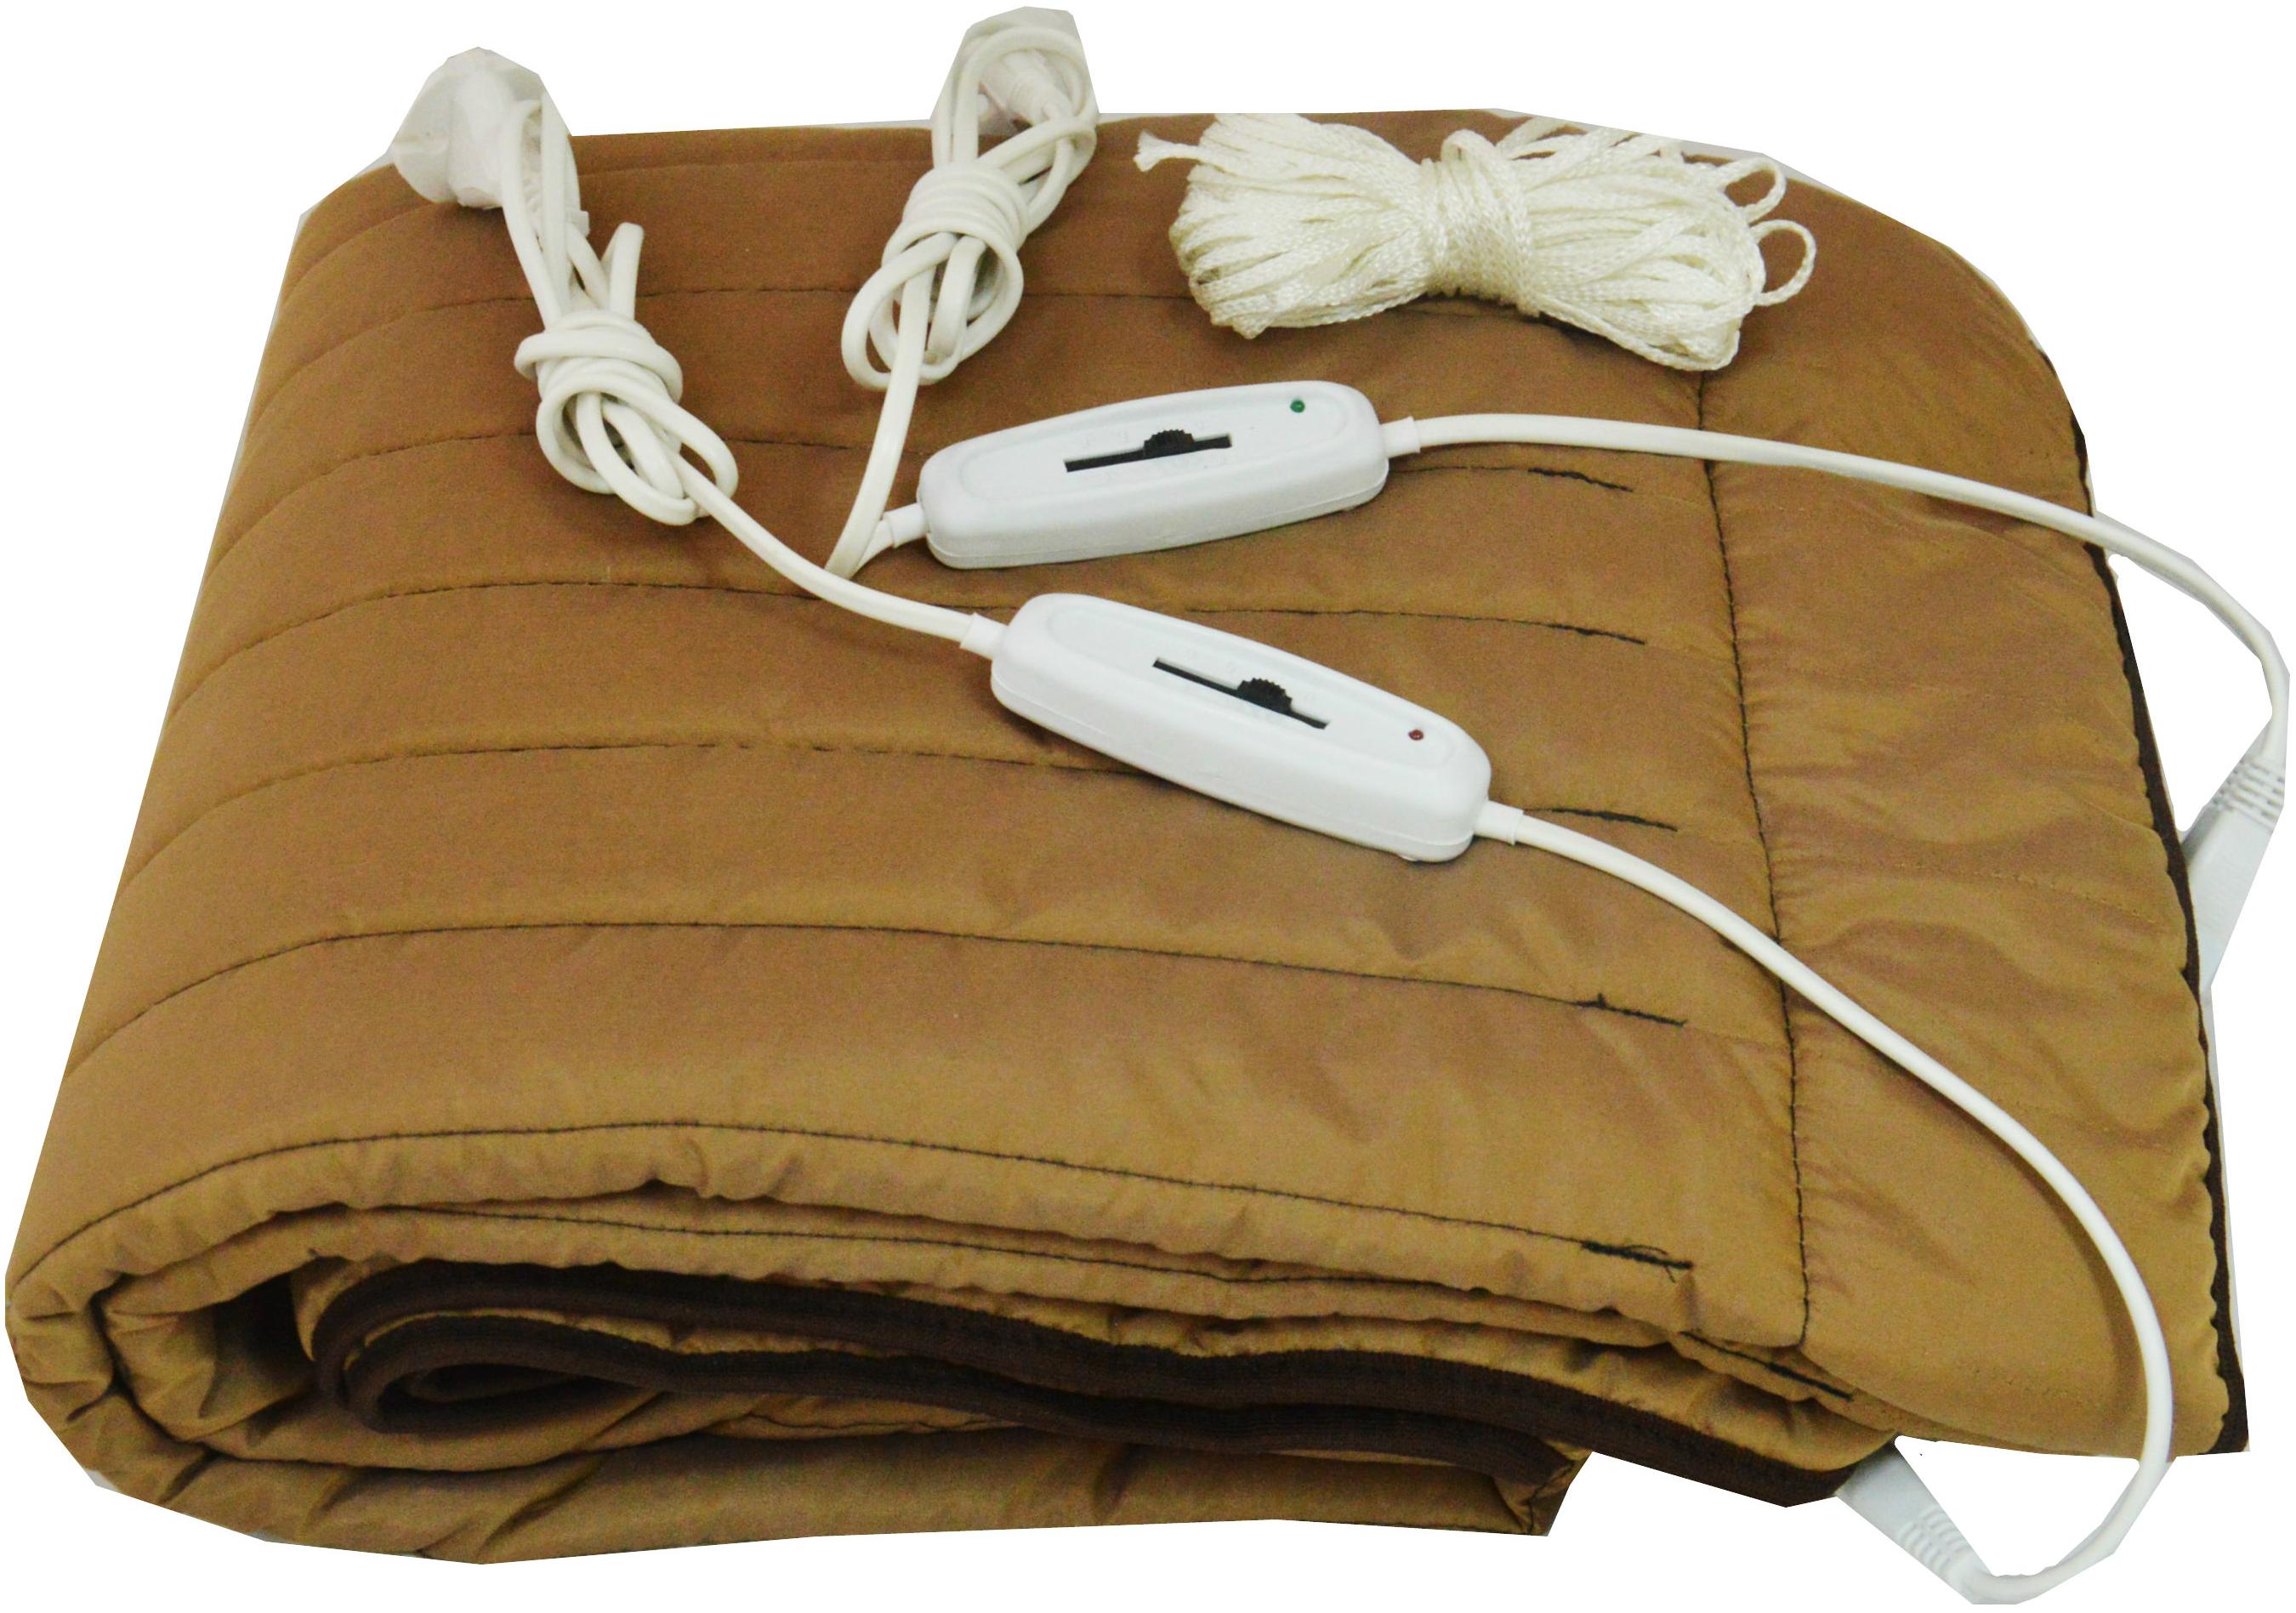 Грелка-матрац электрический Брест ГЭМР-8-60. В ассортименте